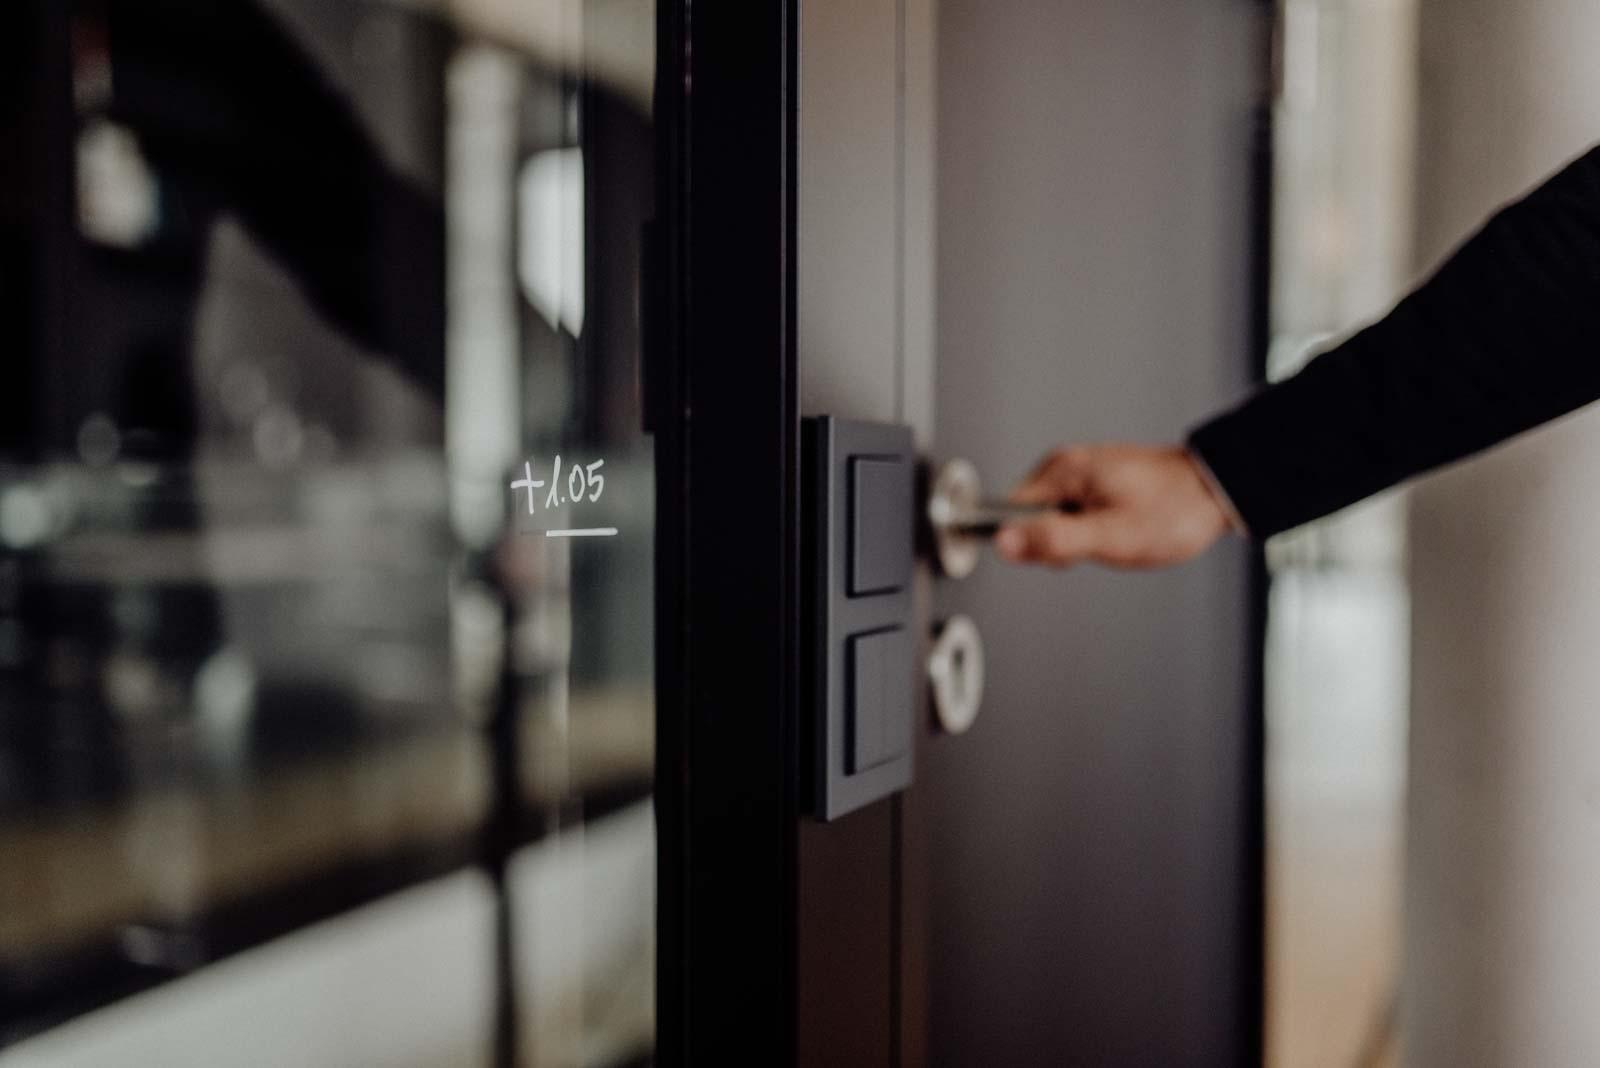 Detailaufnahme einer Hand die eine Tür öffnet